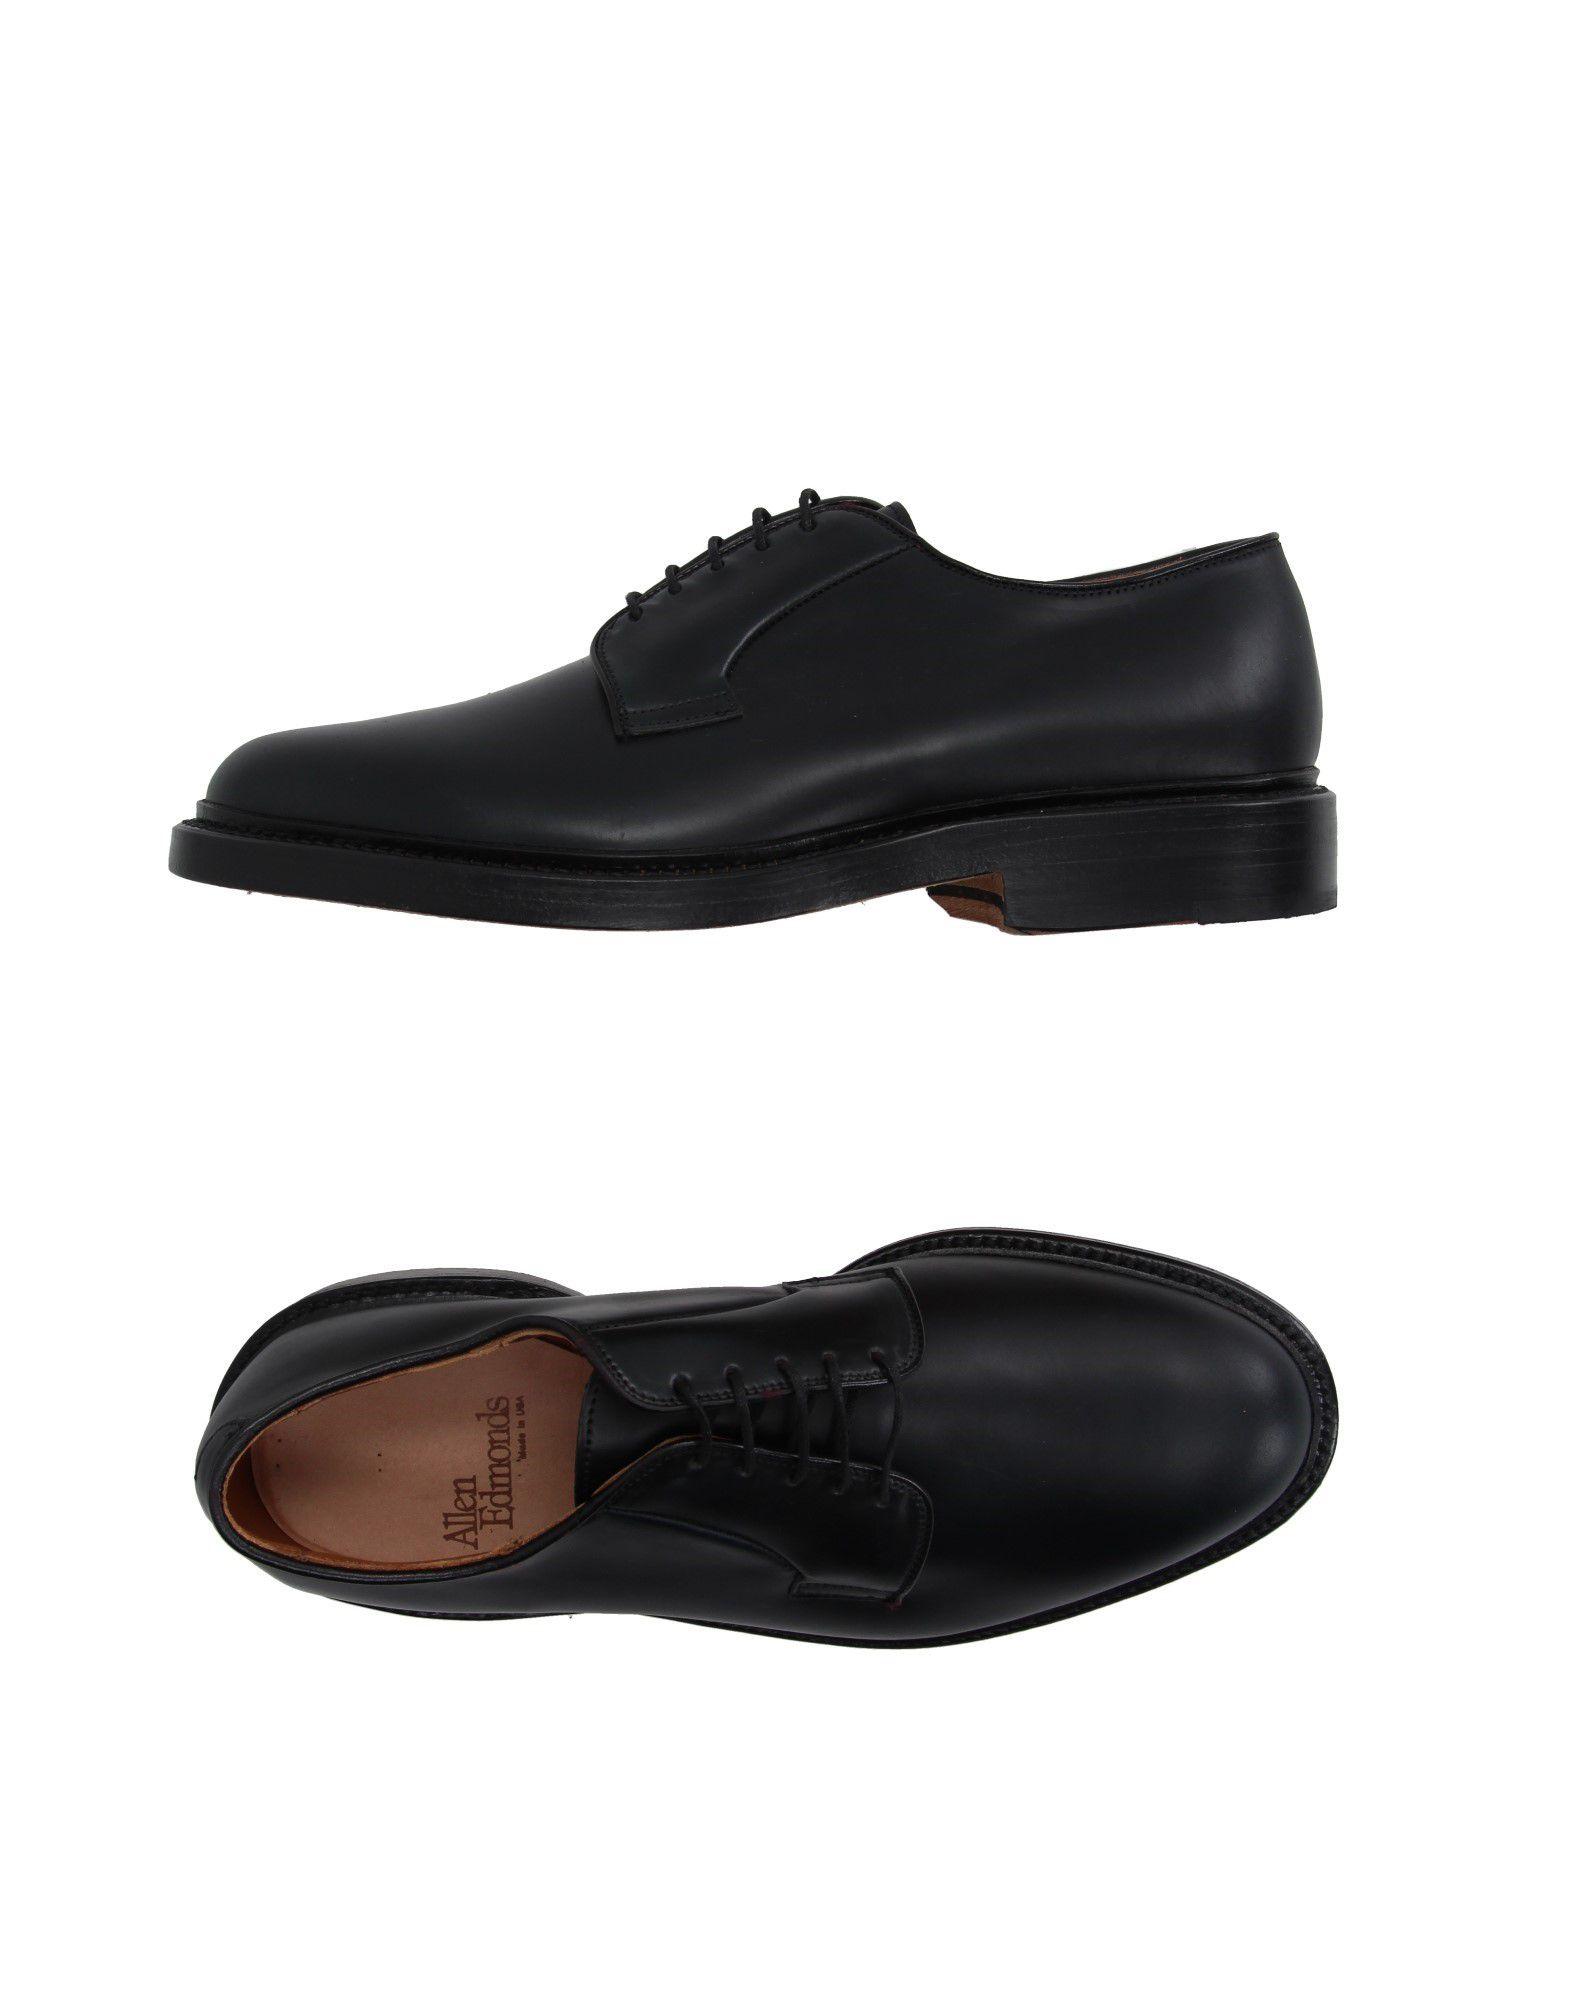 ALLEN EDMONDS Lace-up shoes